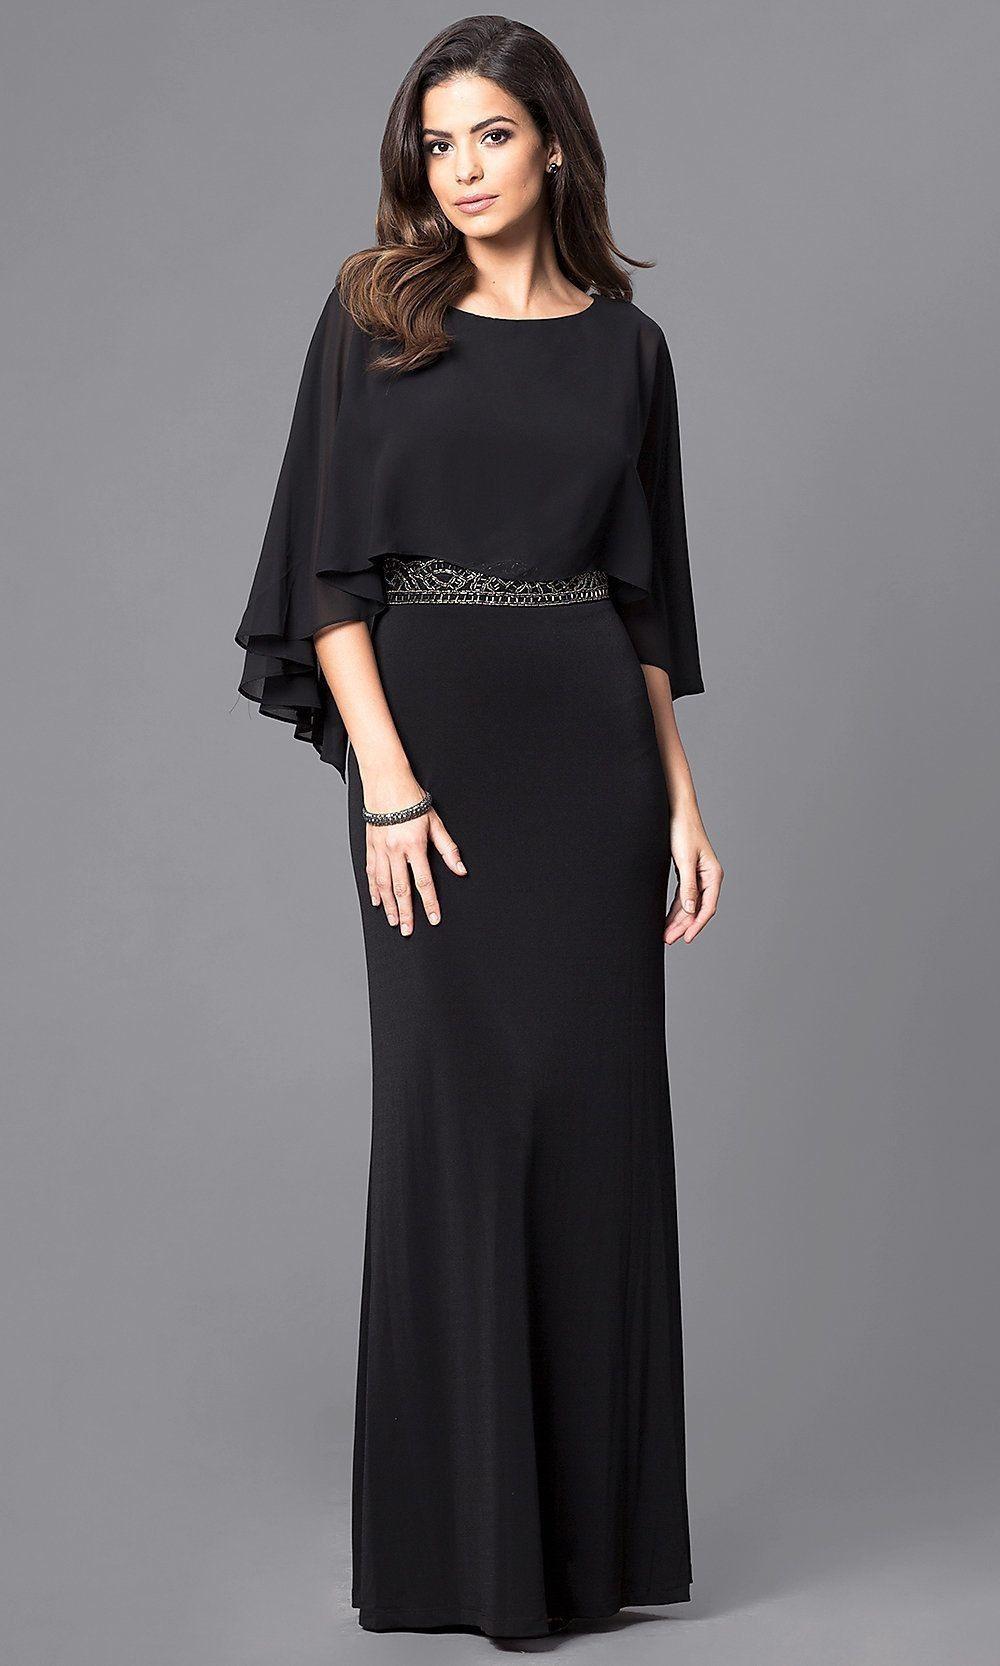 Abend Erstaunlich Shopping Queen Abendkleid StylishAbend Kreativ Shopping Queen Abendkleid Vertrieb